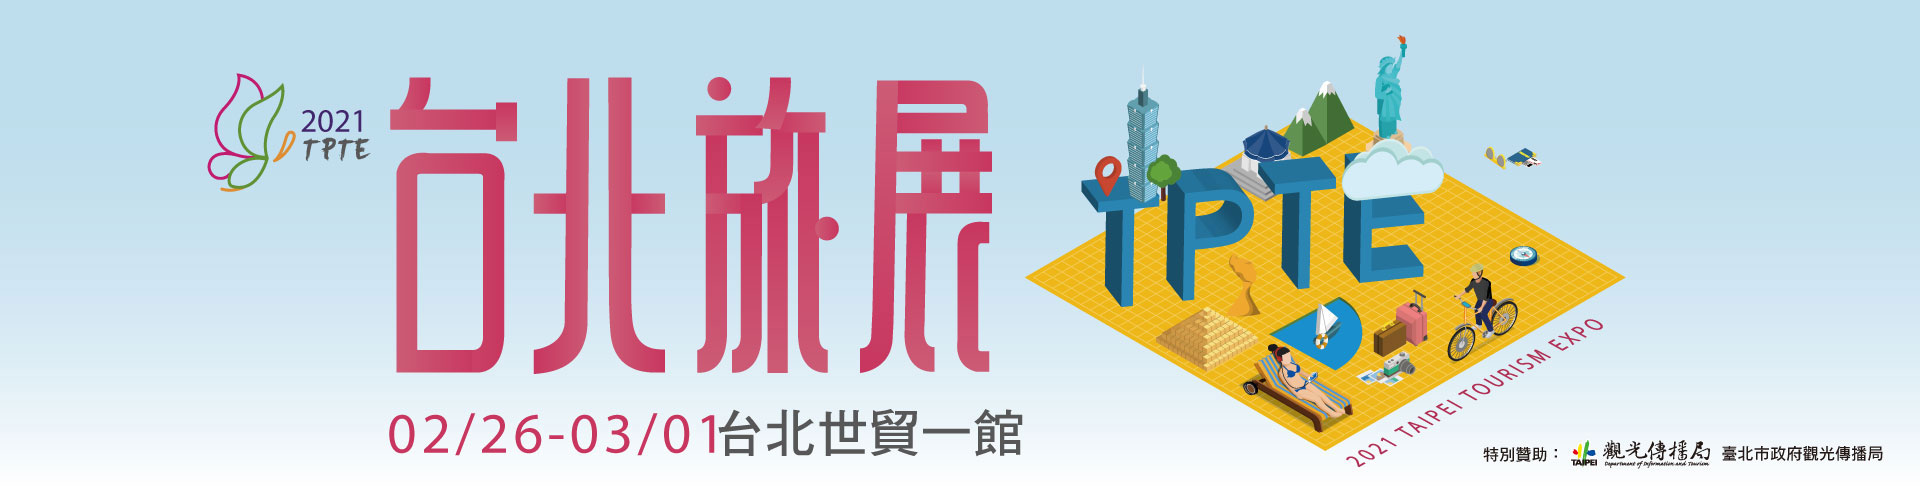 2021台北旅展